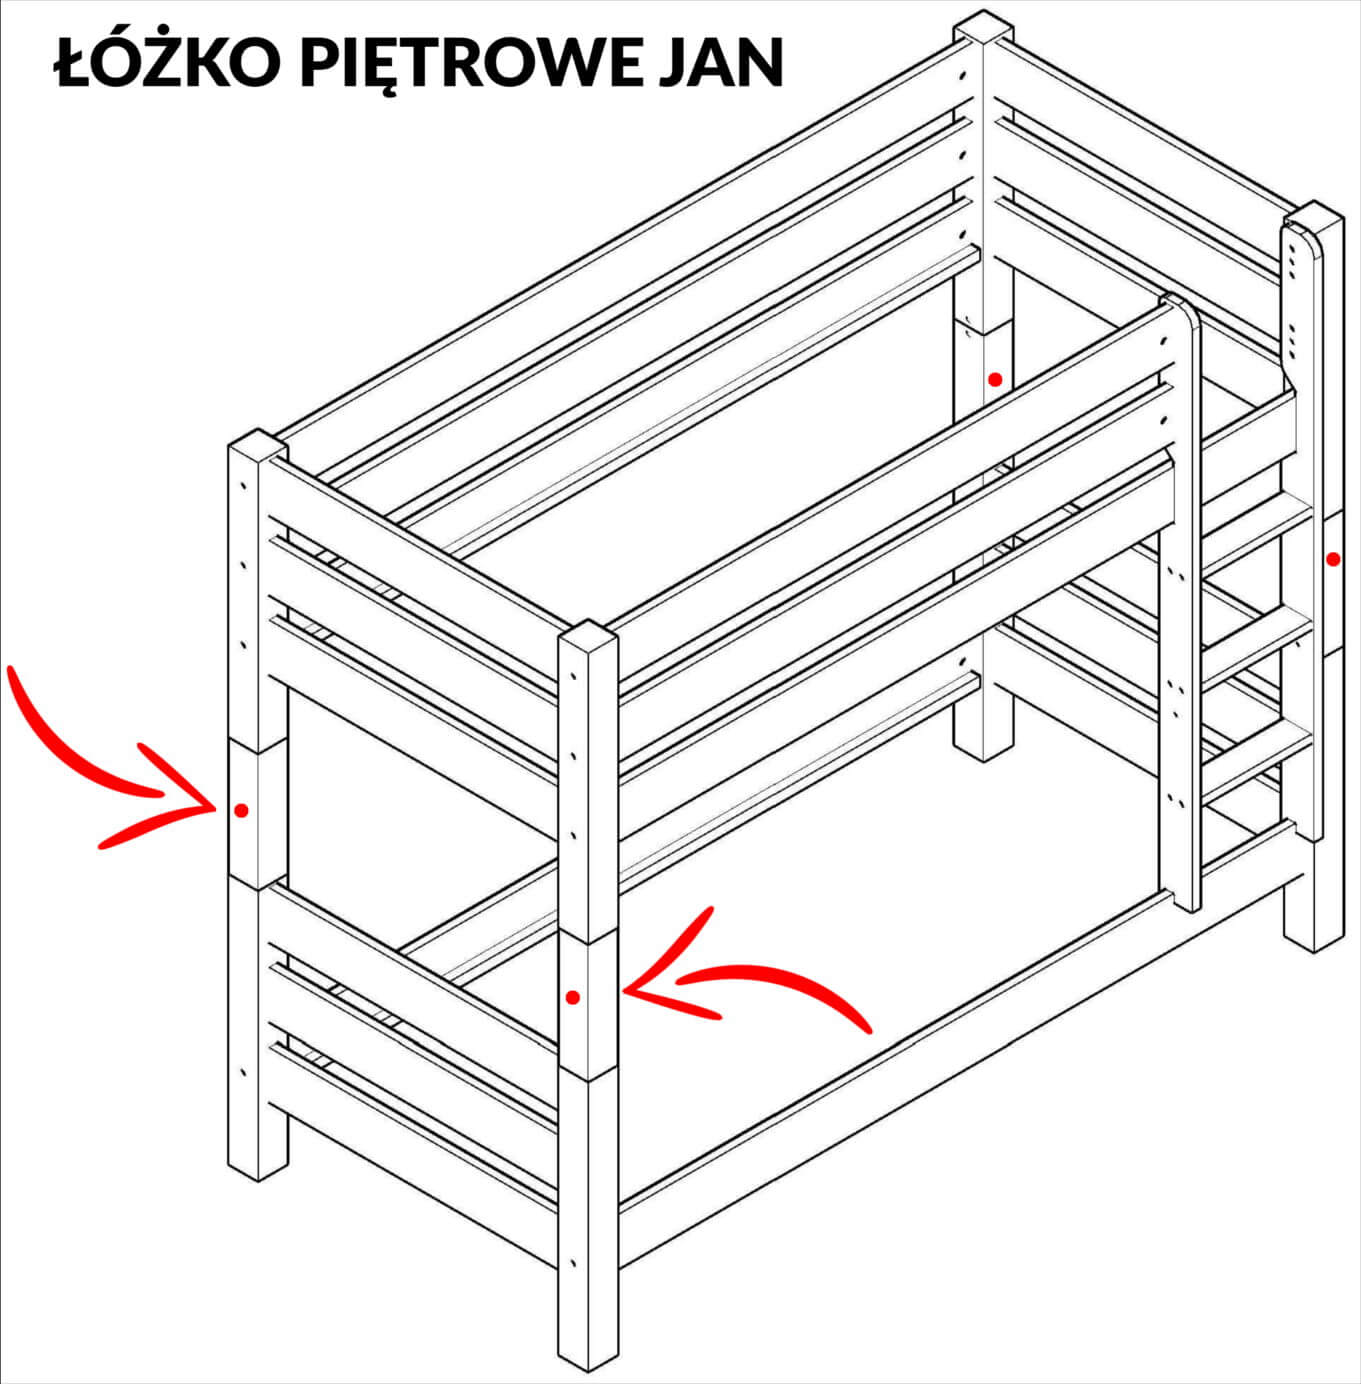 konstrukcja łóżka piętrowego